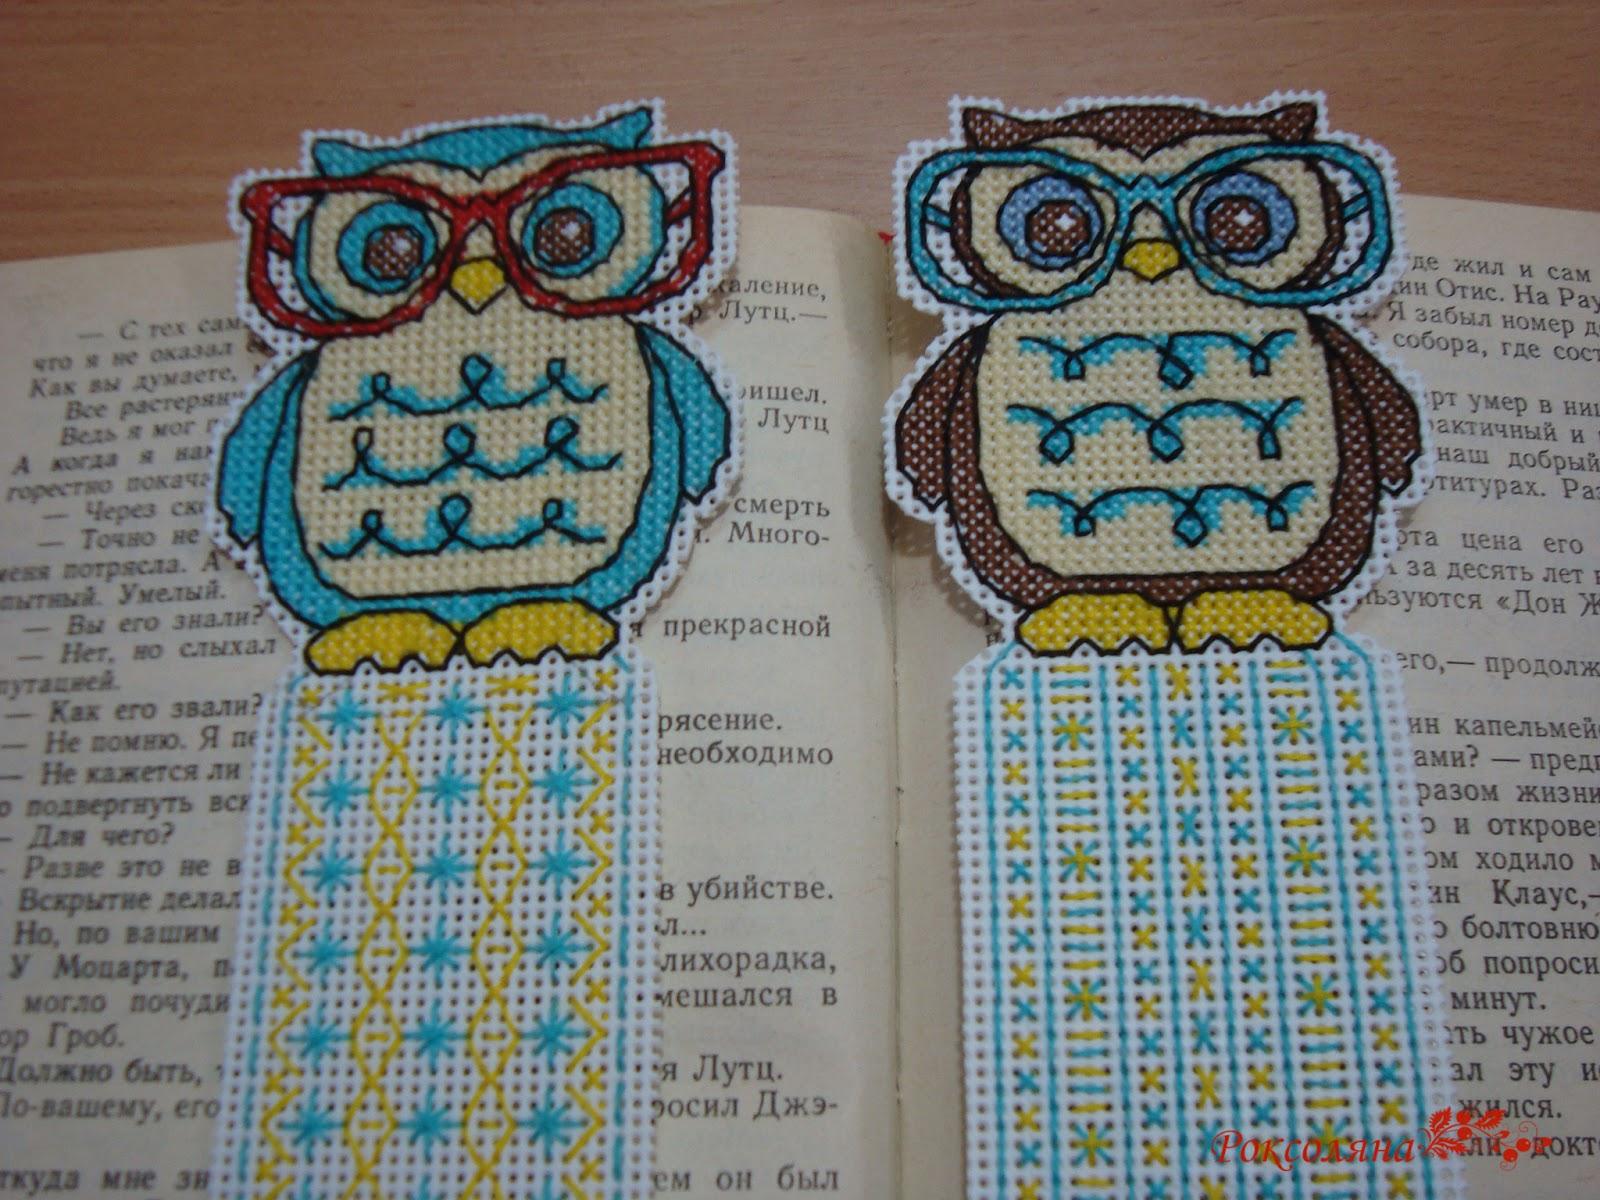 закладки для книг - сови